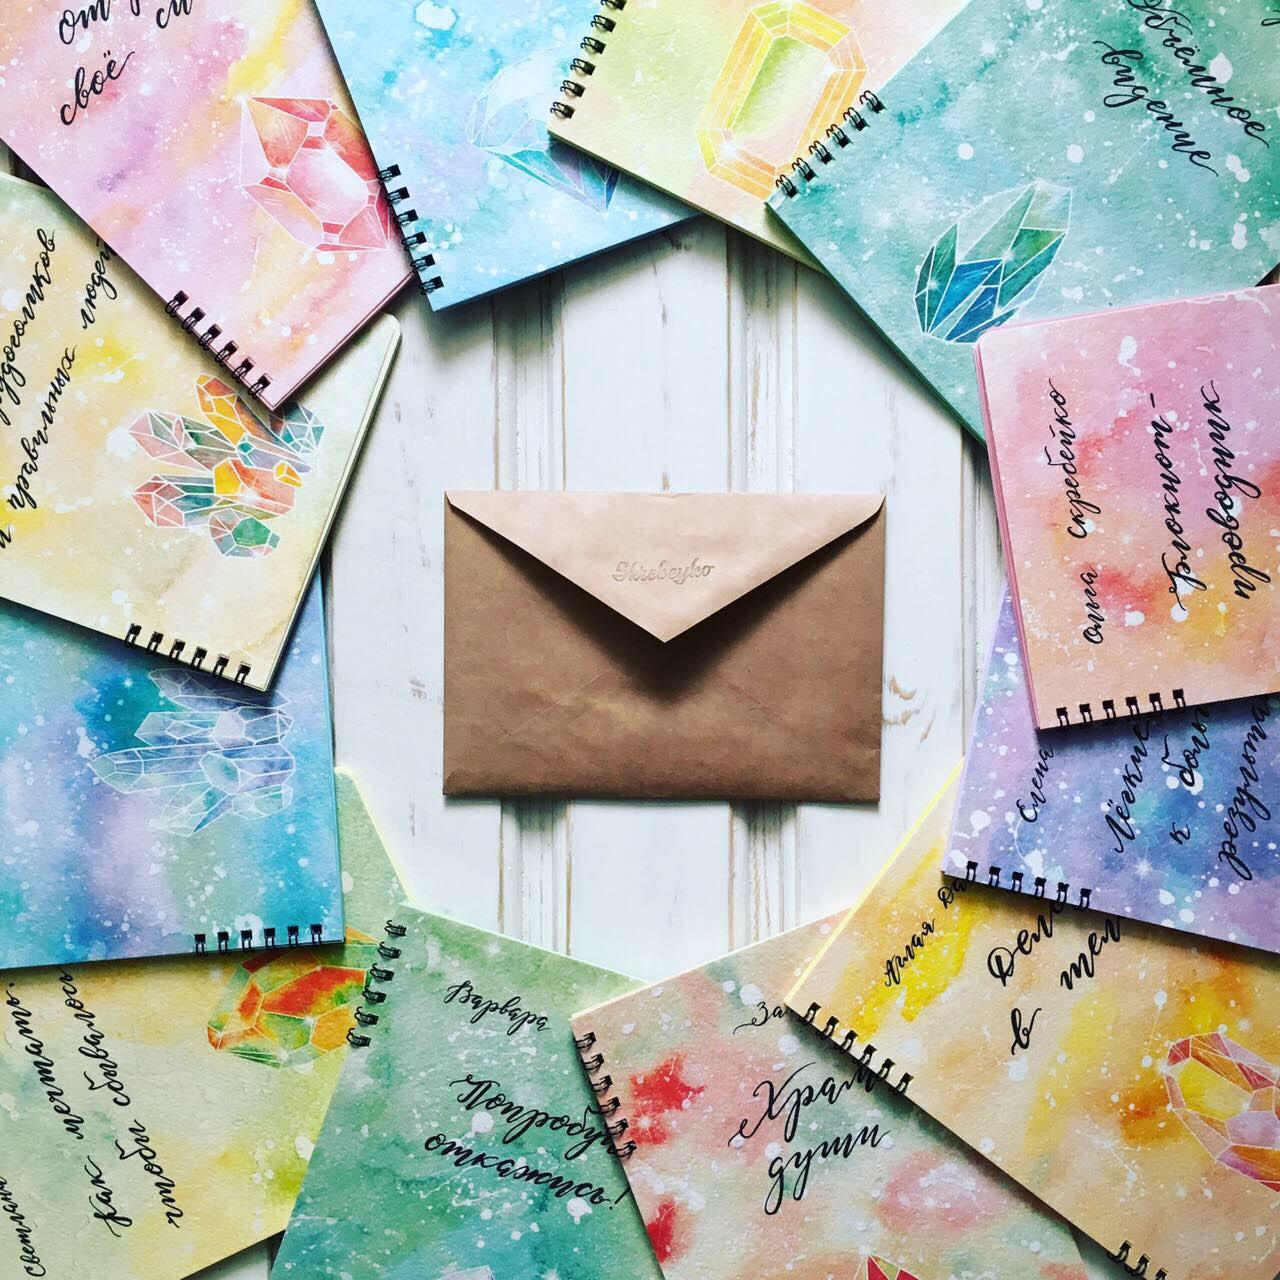 Делать то, от чего звенит | Блог Ольги Скребейко